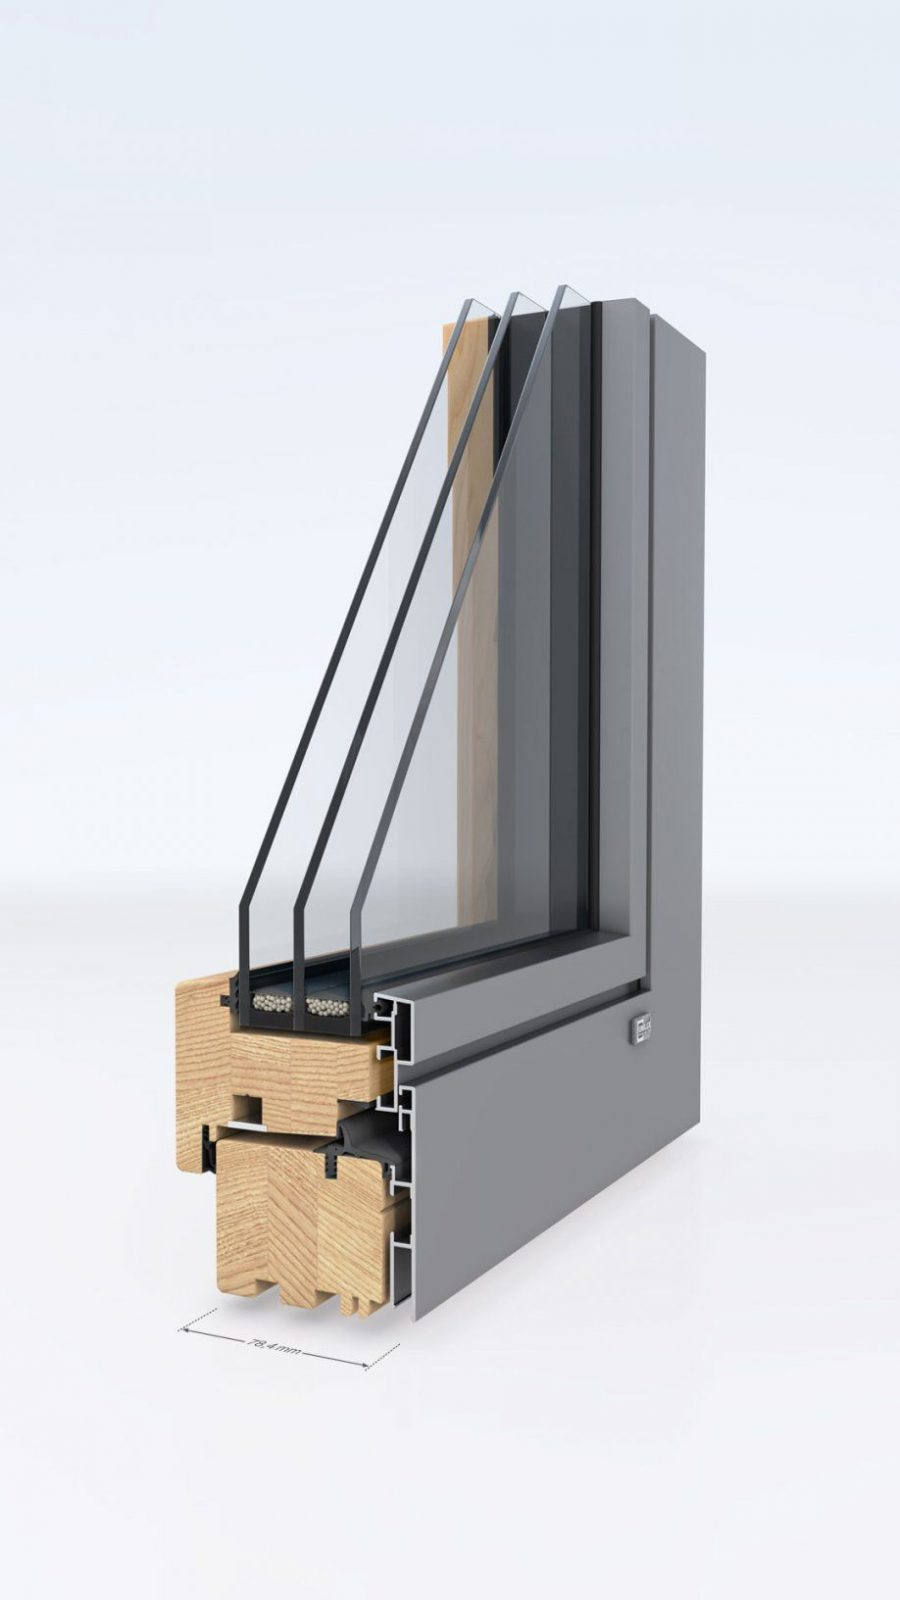 Fenster Leverkusen  Beratung Aufmaß & Montage von Fenster 3 Fach Verglasung Nachteile Photo